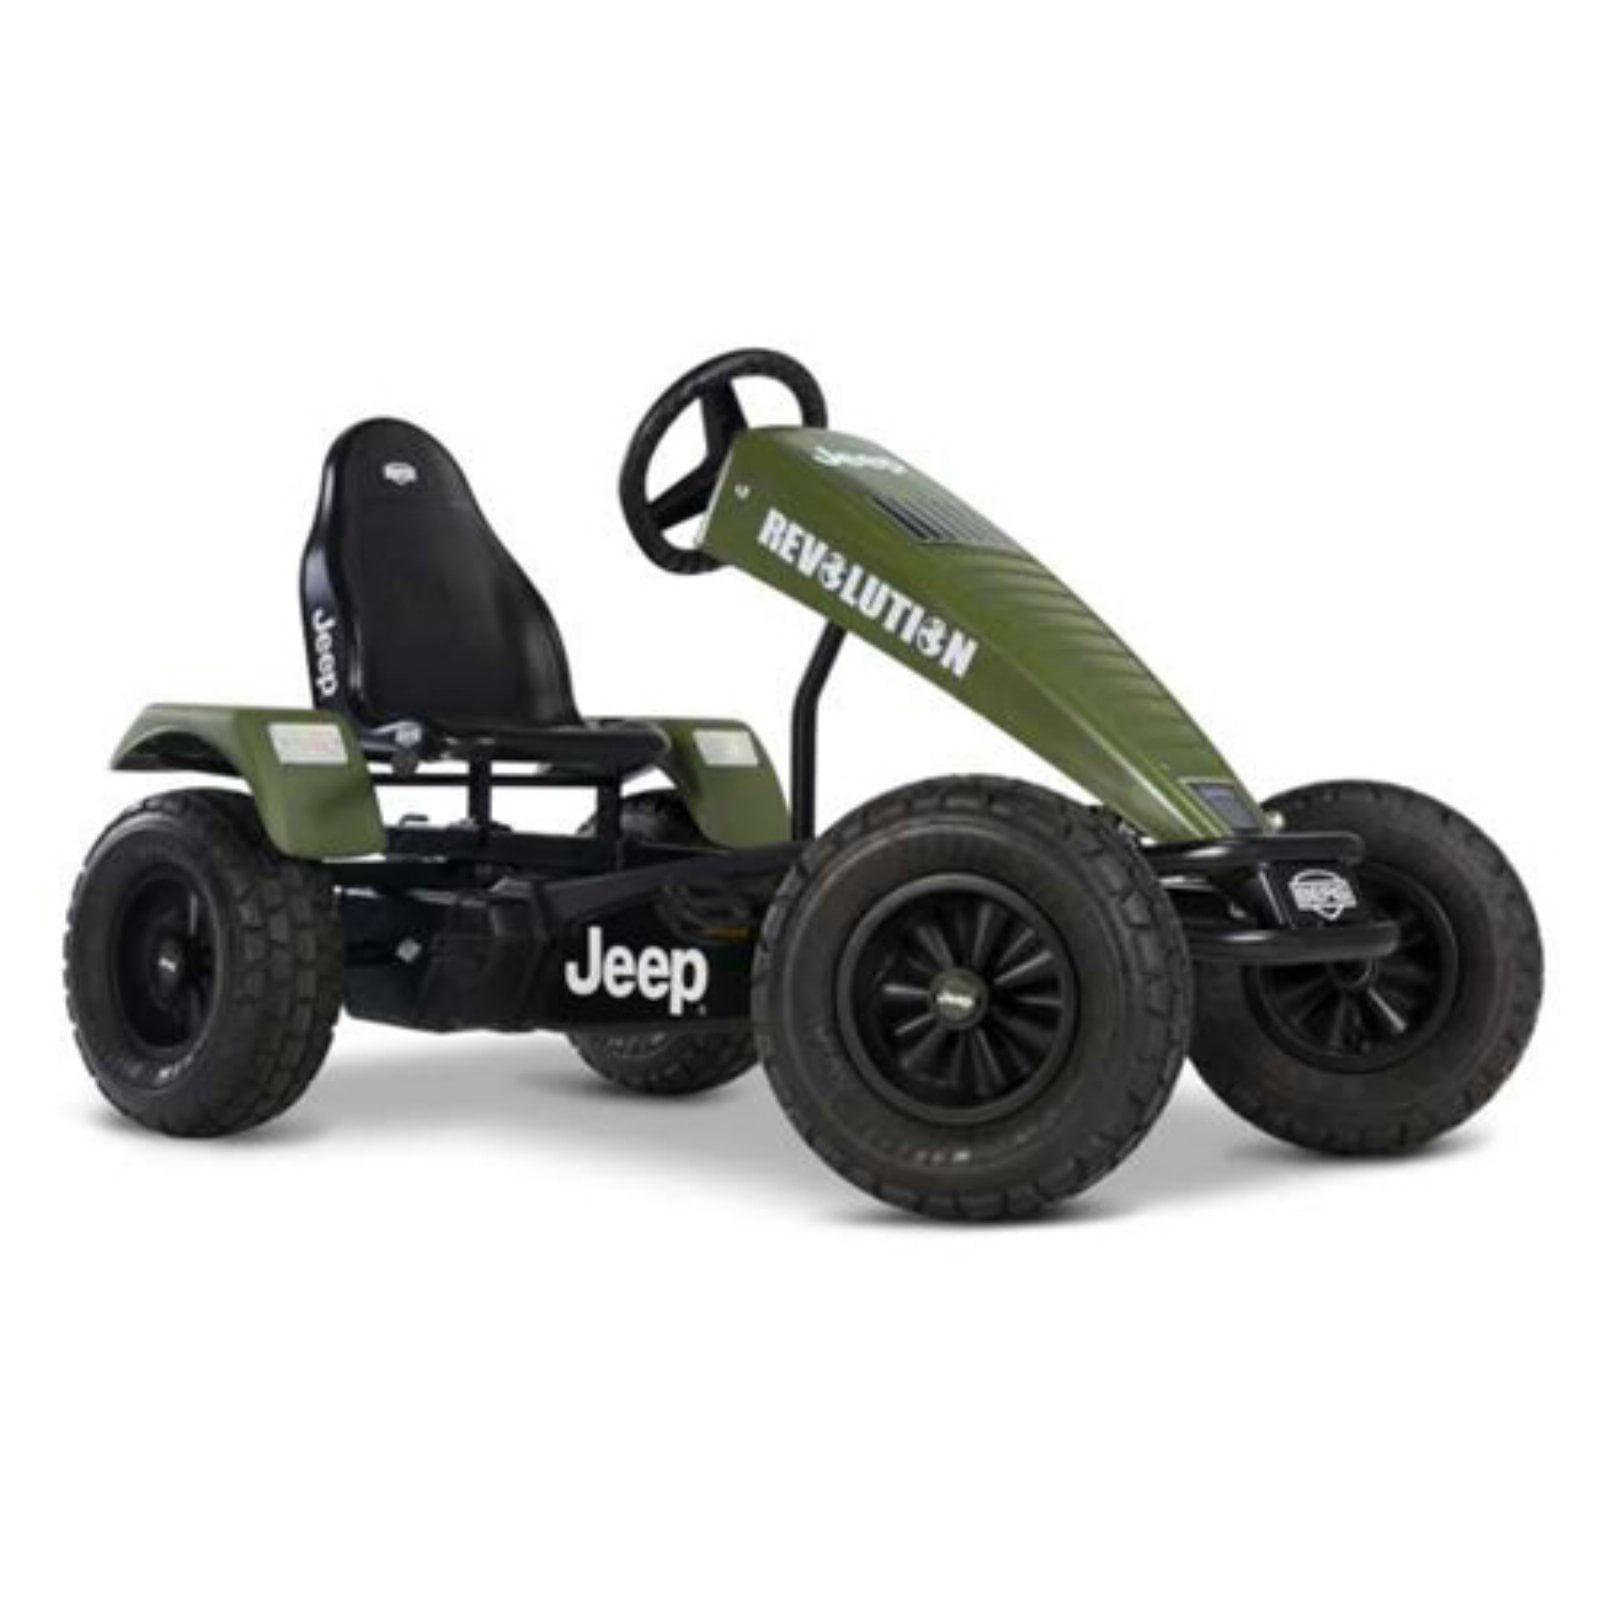 Berg Pedal Go Kart Jeep Revolution BFR by Berg USA